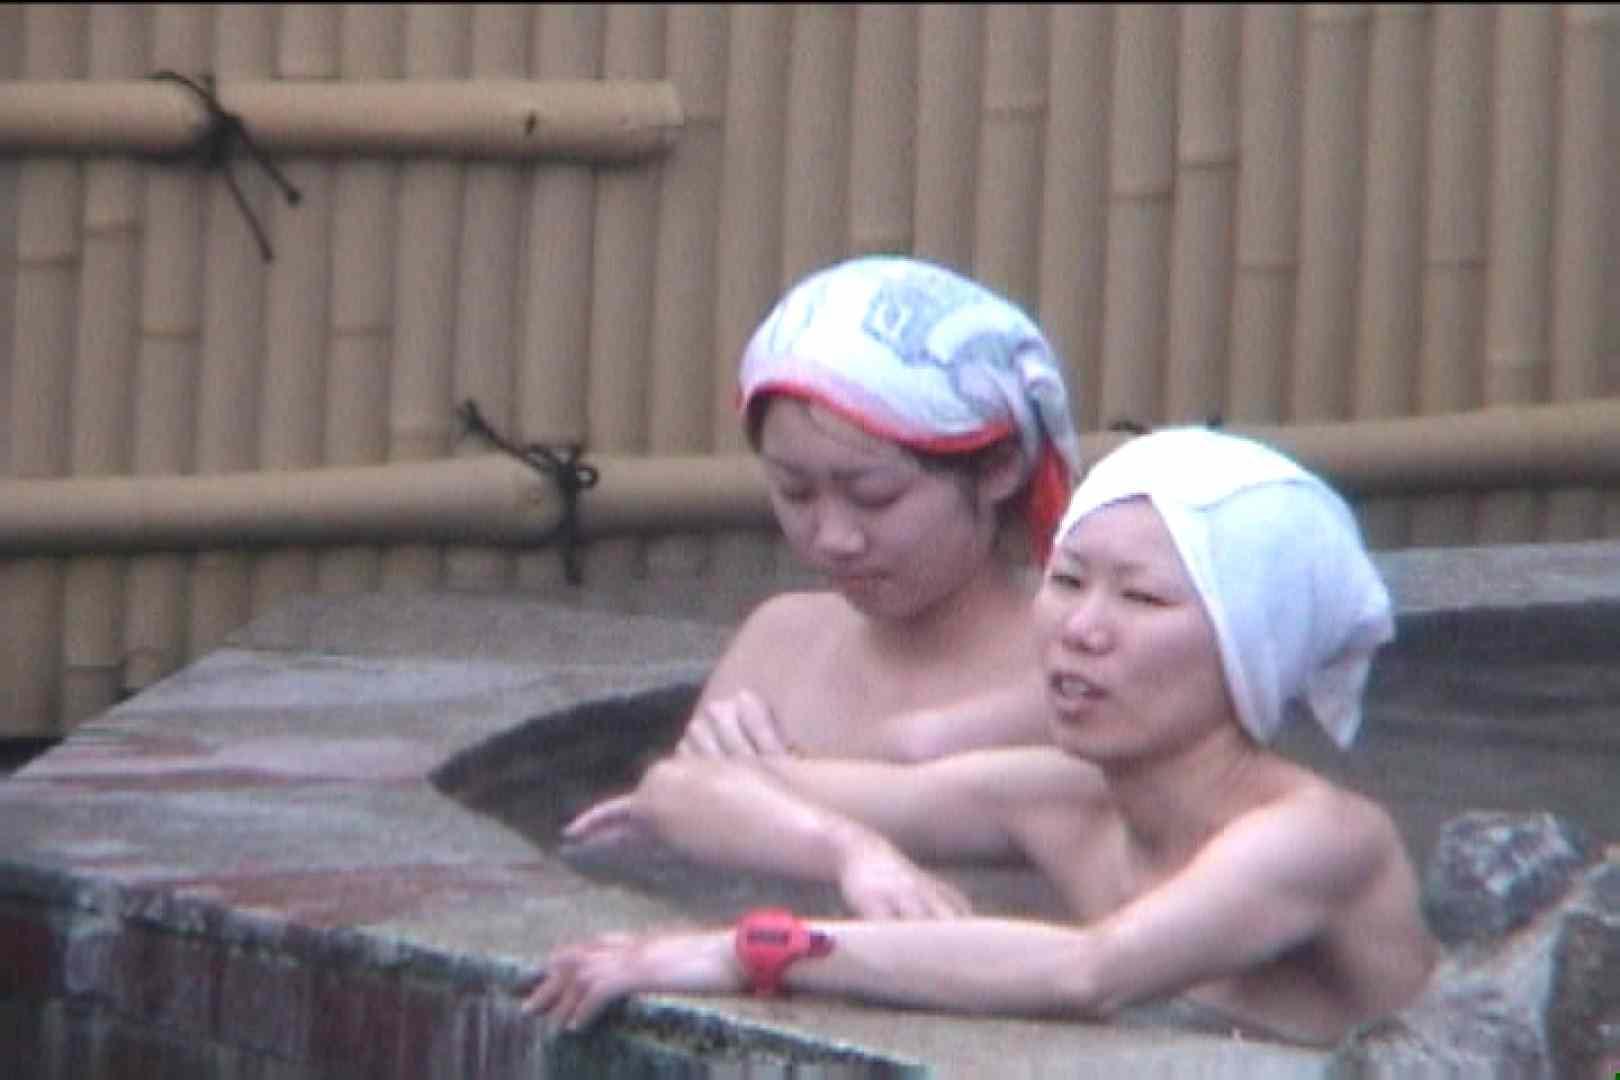 Aquaな露天風呂Vol.91【VIP限定】 盗撮師作品 | 美しいOLの裸体  77pic 31